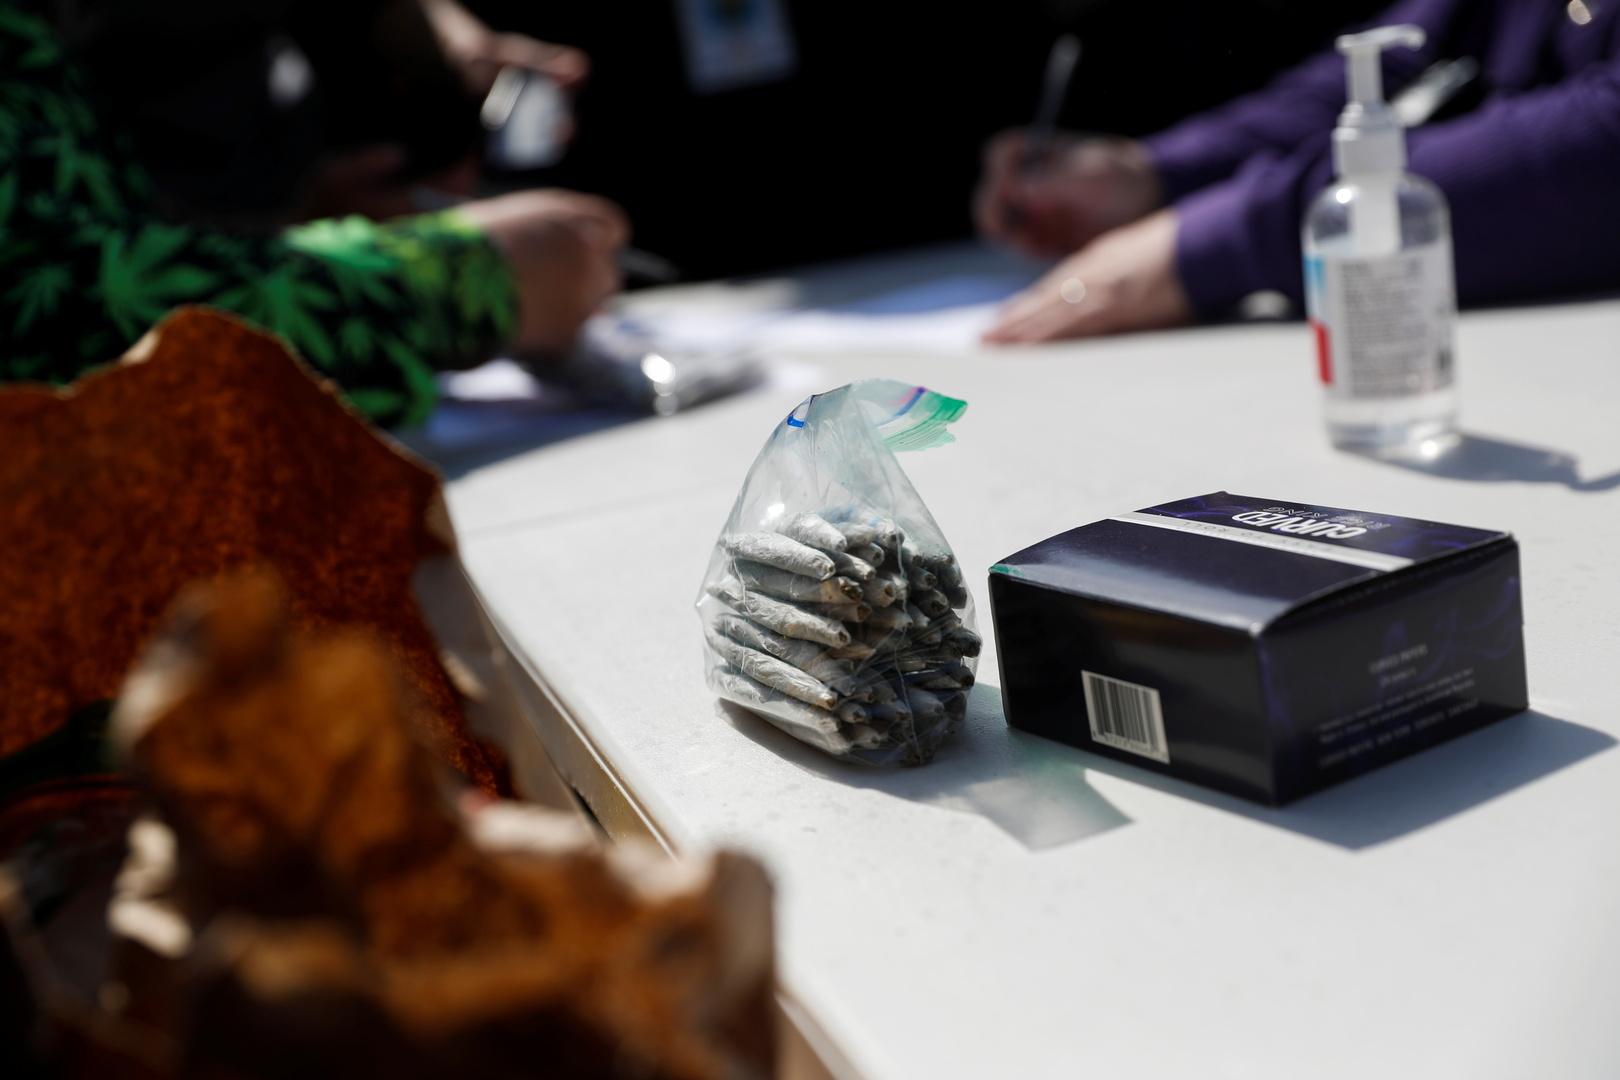 نشطاء يوزعون الماريجوانا في وسط نيويورك على من تلقوا لقاح كورونا